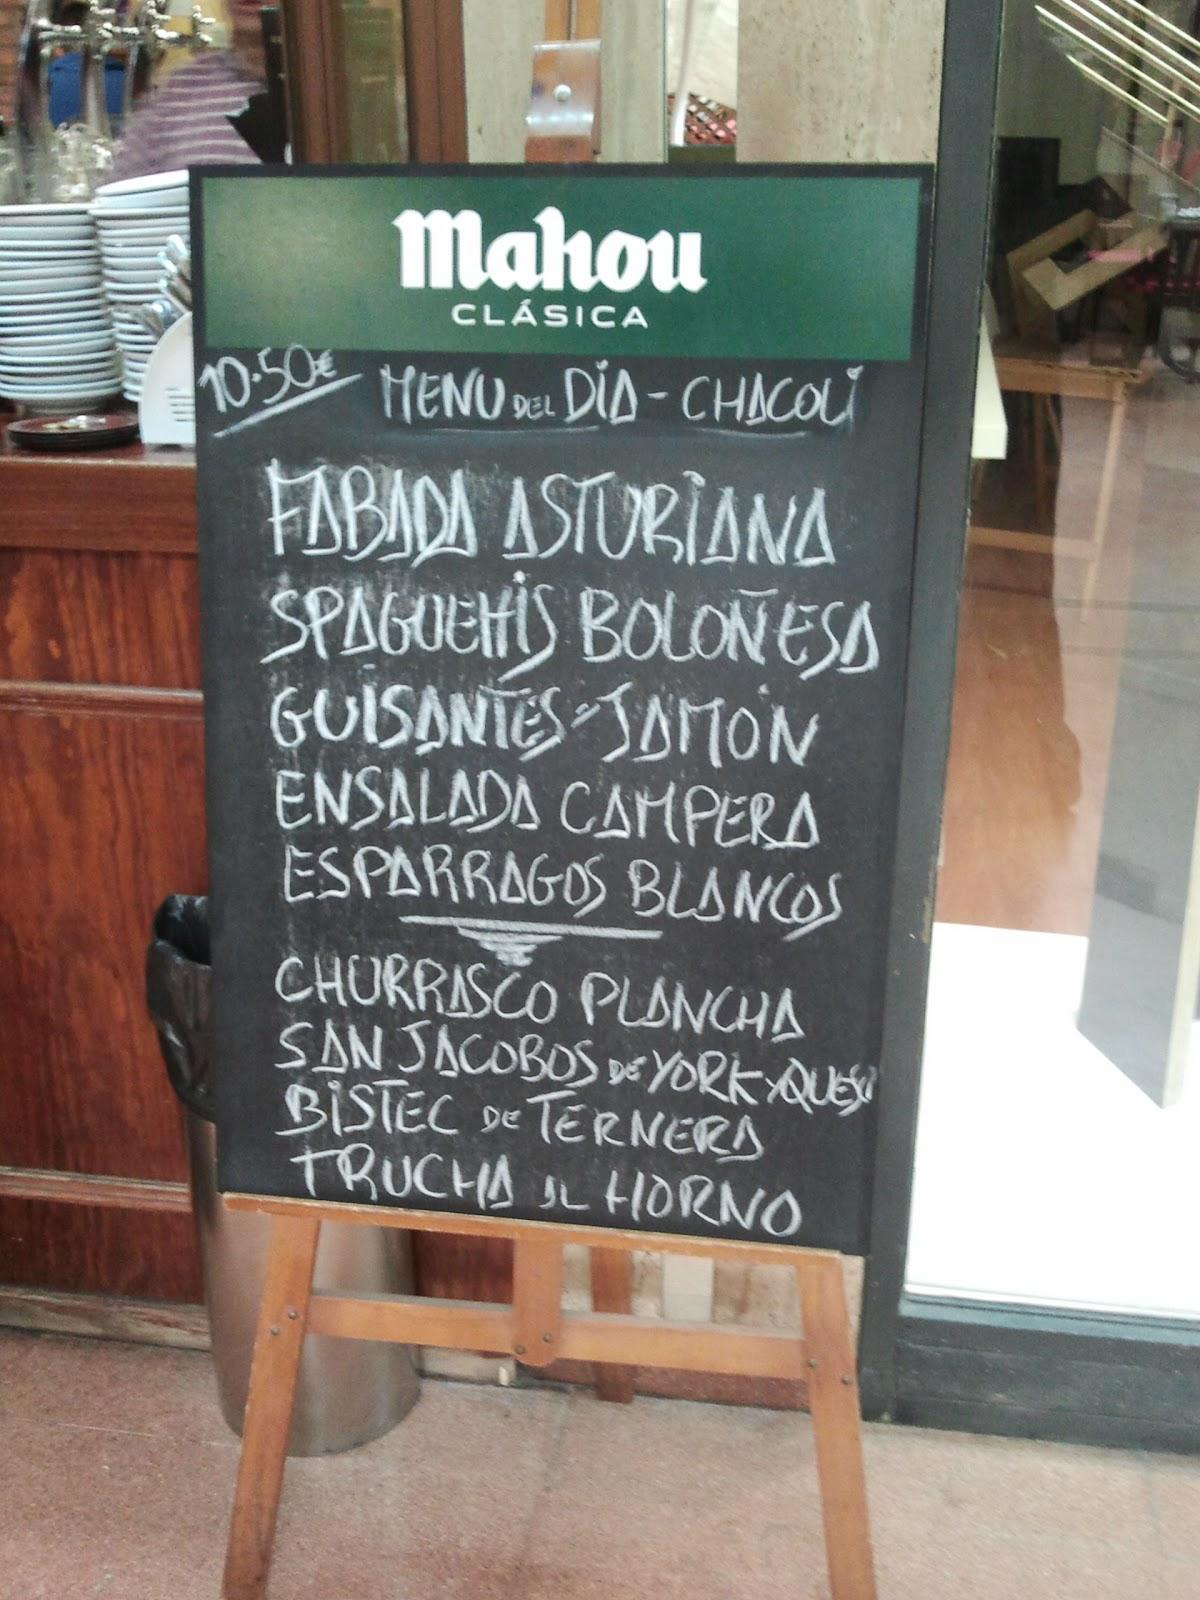 Topcomensal pozuelo de alarcon bar restaurante el jard n for Bar restaurante el jardin zamora